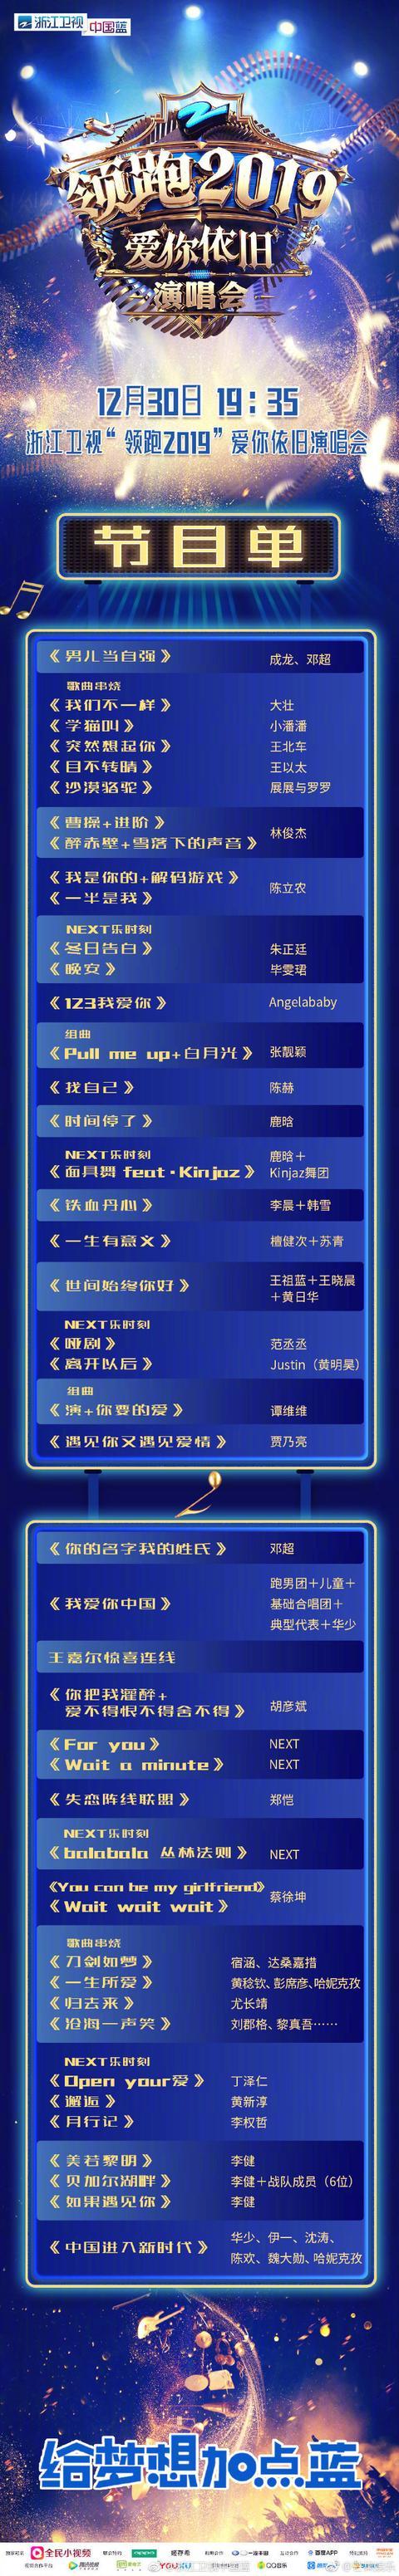 2019浙江卫视跨年演唱会节目单曝光 陈立农唱新歌《一半是我》